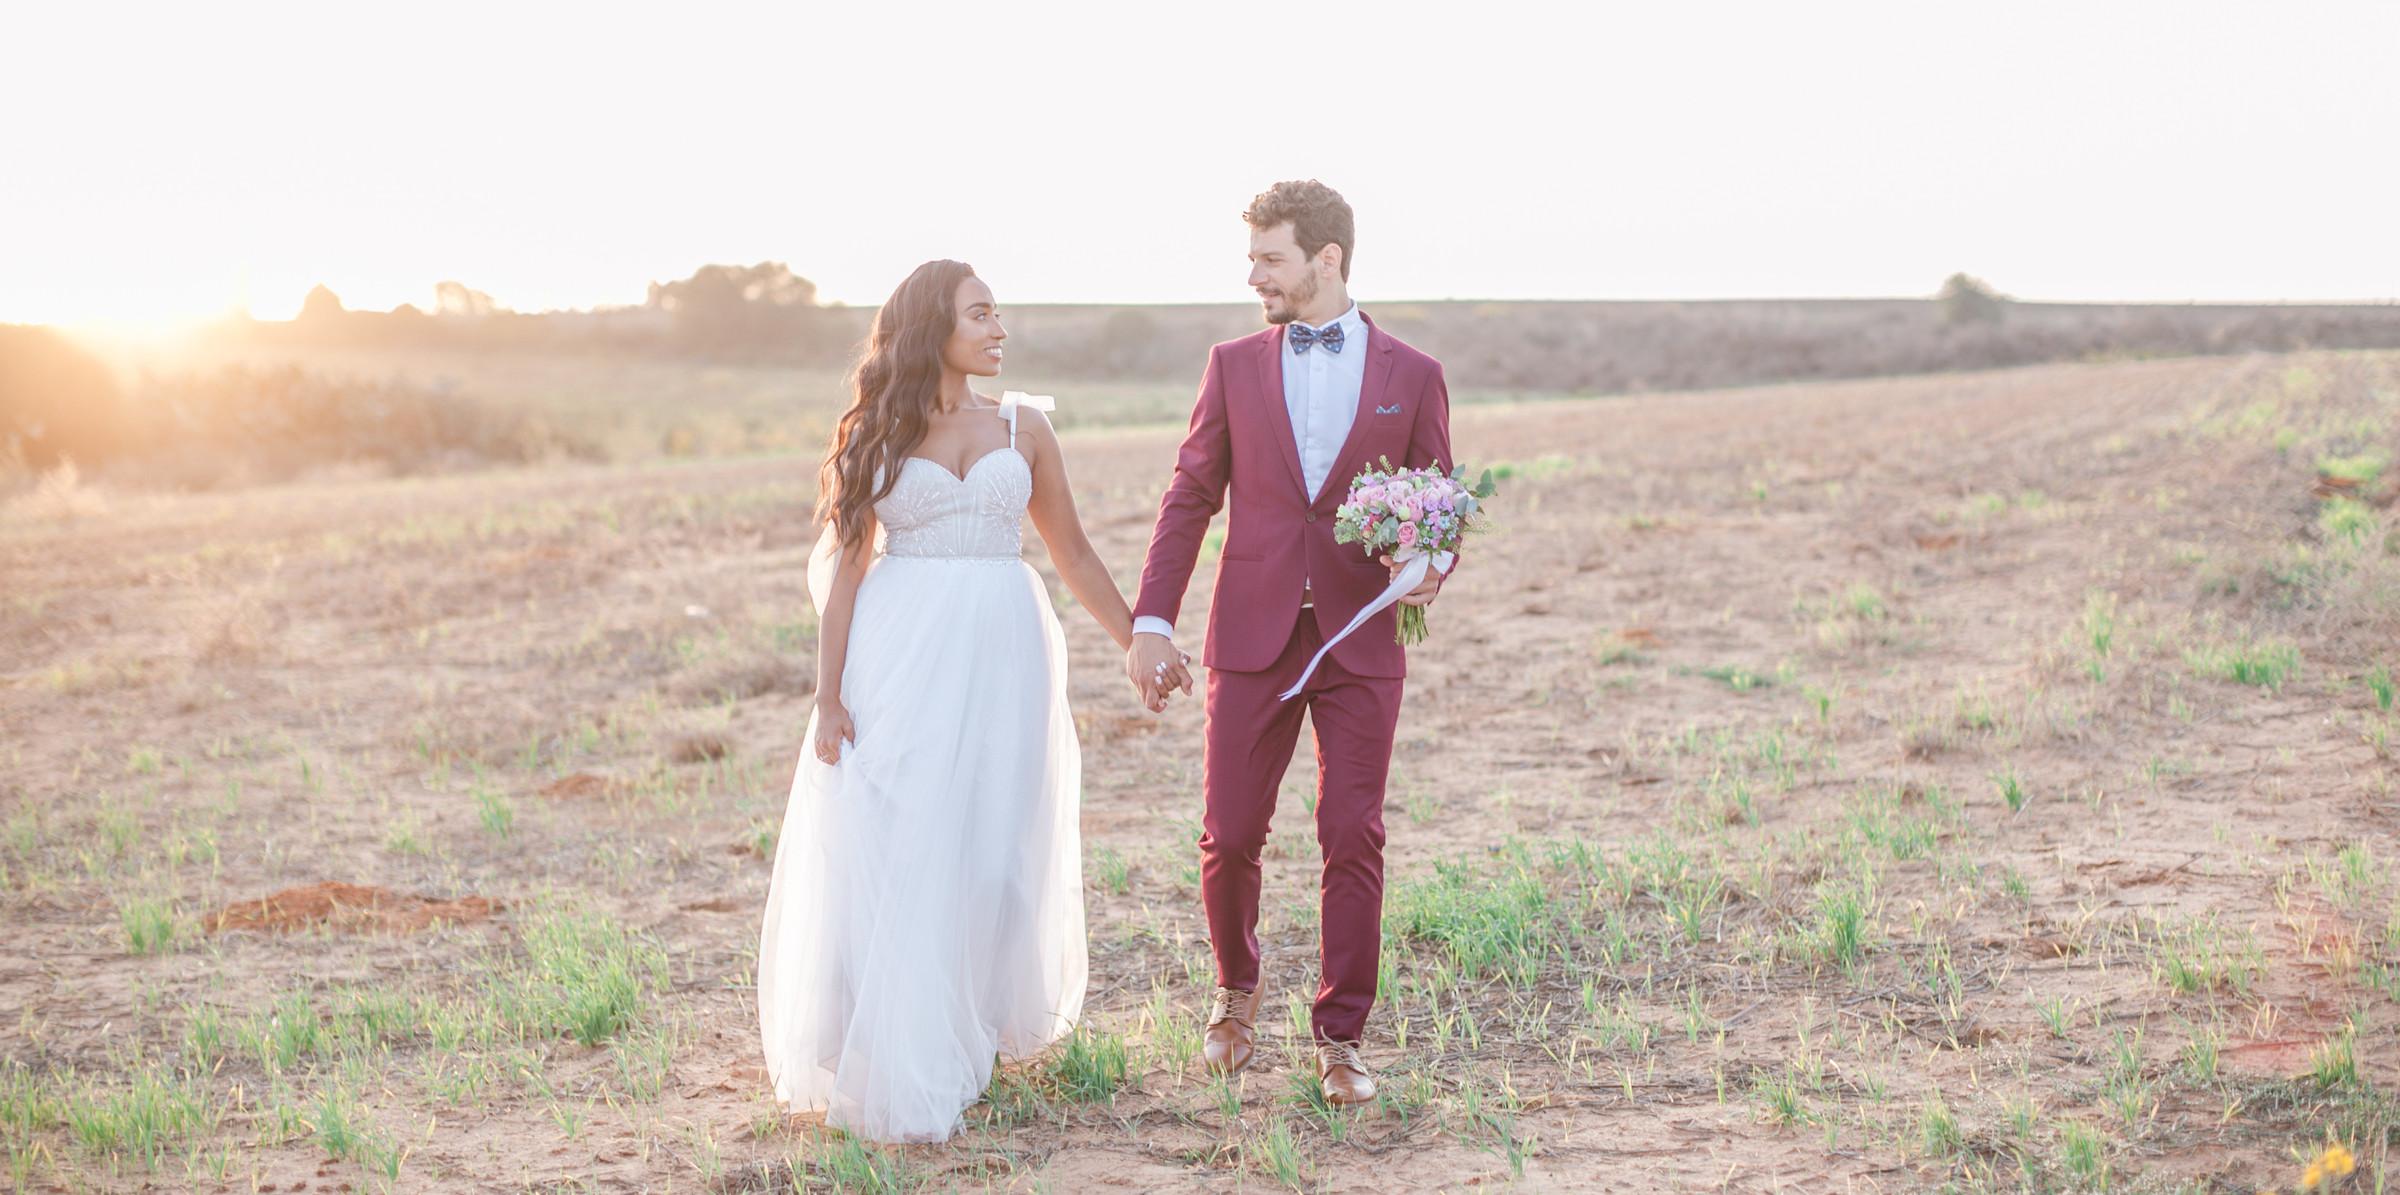 החתונה של קוקיט ואריאל 14.11.2019 חוץ (8